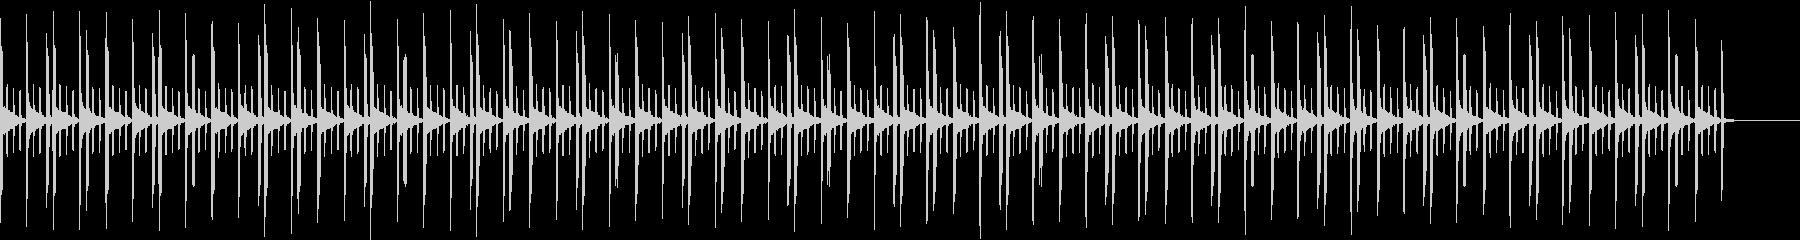 シンキングタイム/待機中の未再生の波形